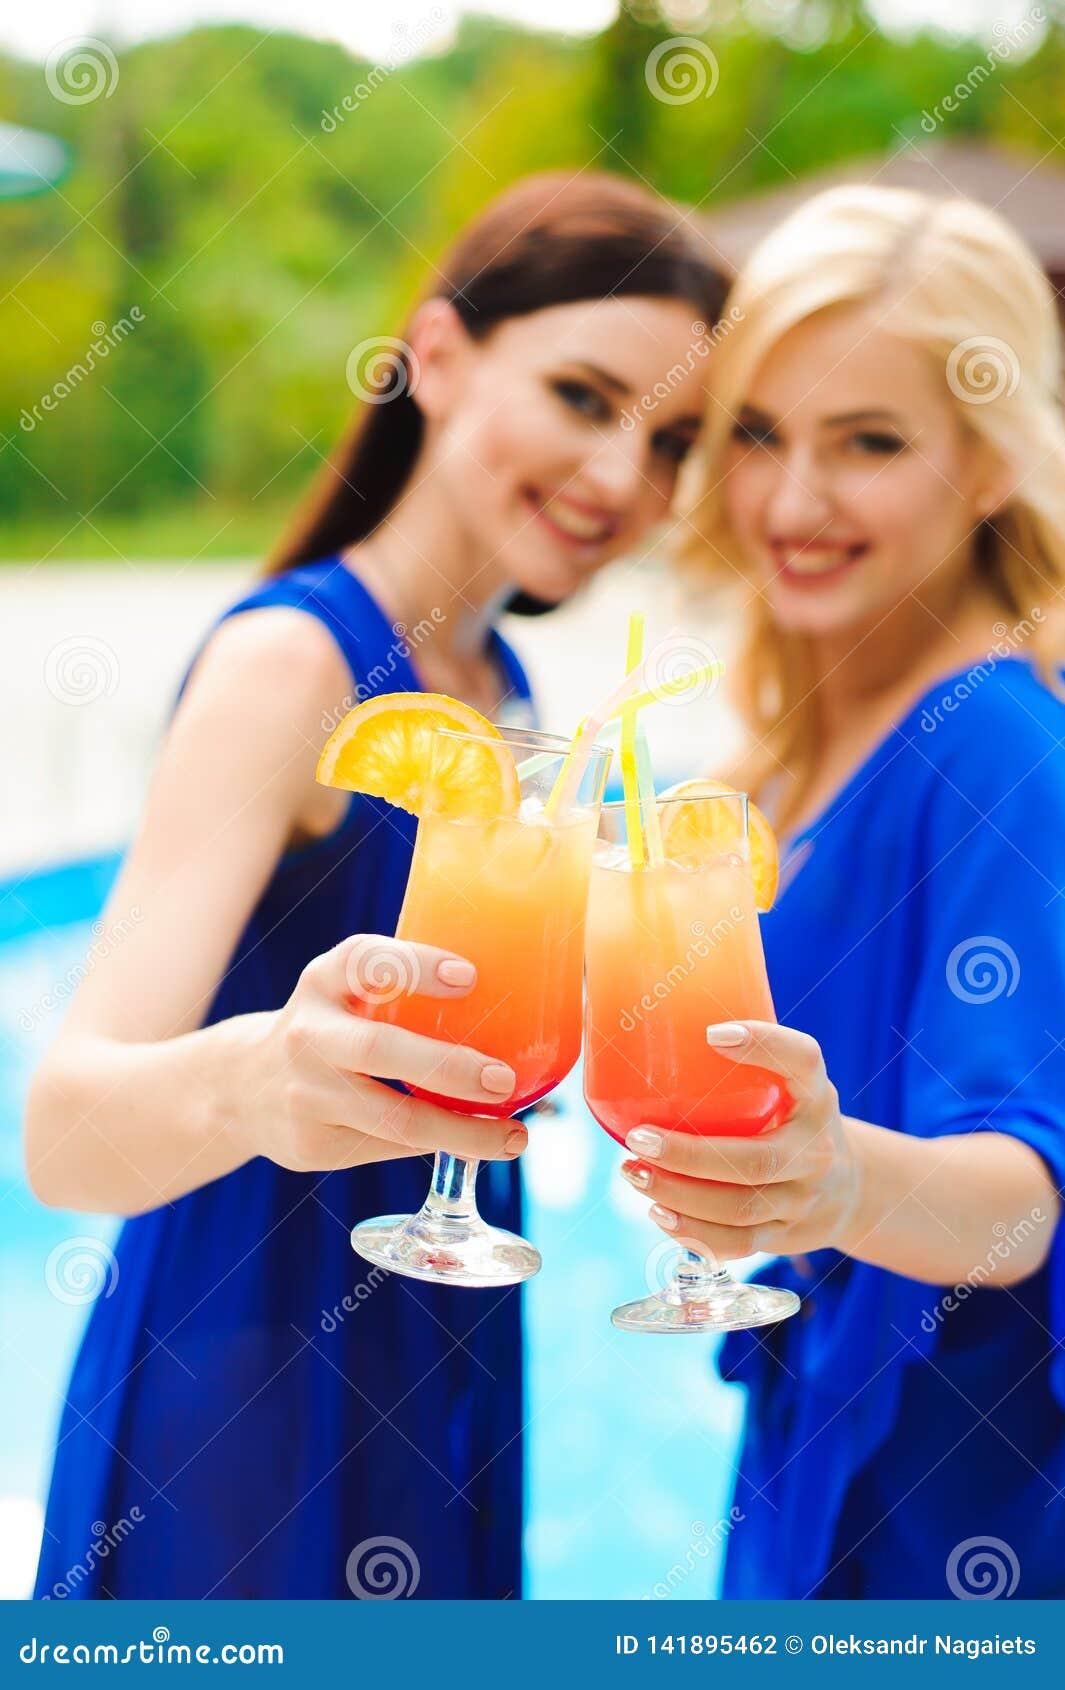 比基尼泳装的美丽的性感的妇女喝鸡尾酒一会儿的放松在游泳场